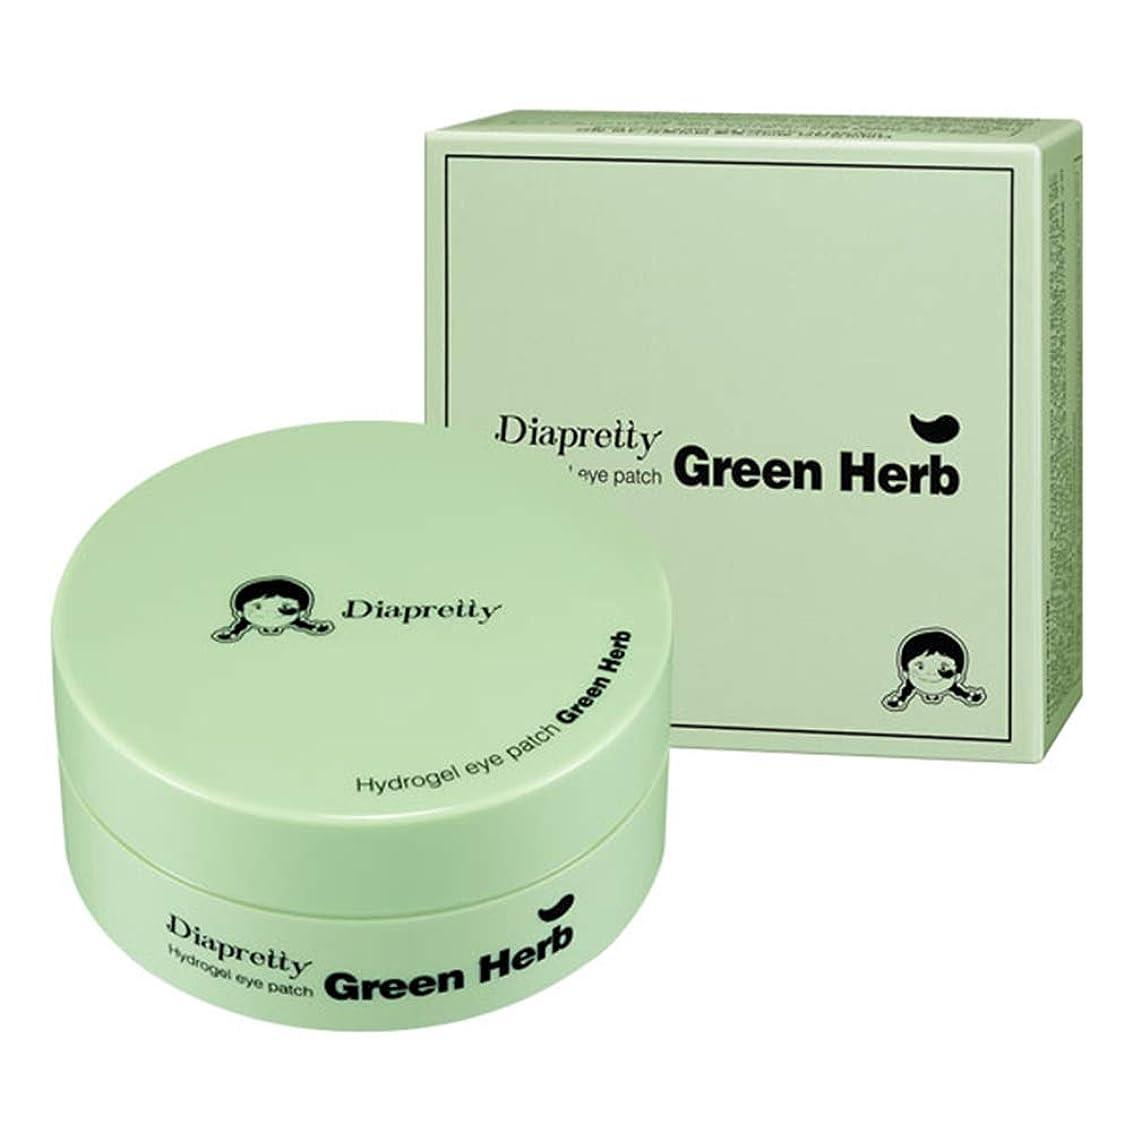 結紮解釈する七面鳥[ダイアプリティ] ハイドロゲルア イパッチ (Greeen Herb) 60枚, [Diapretty] Hydrogel Eyepatch(Green Herb) 60pieces